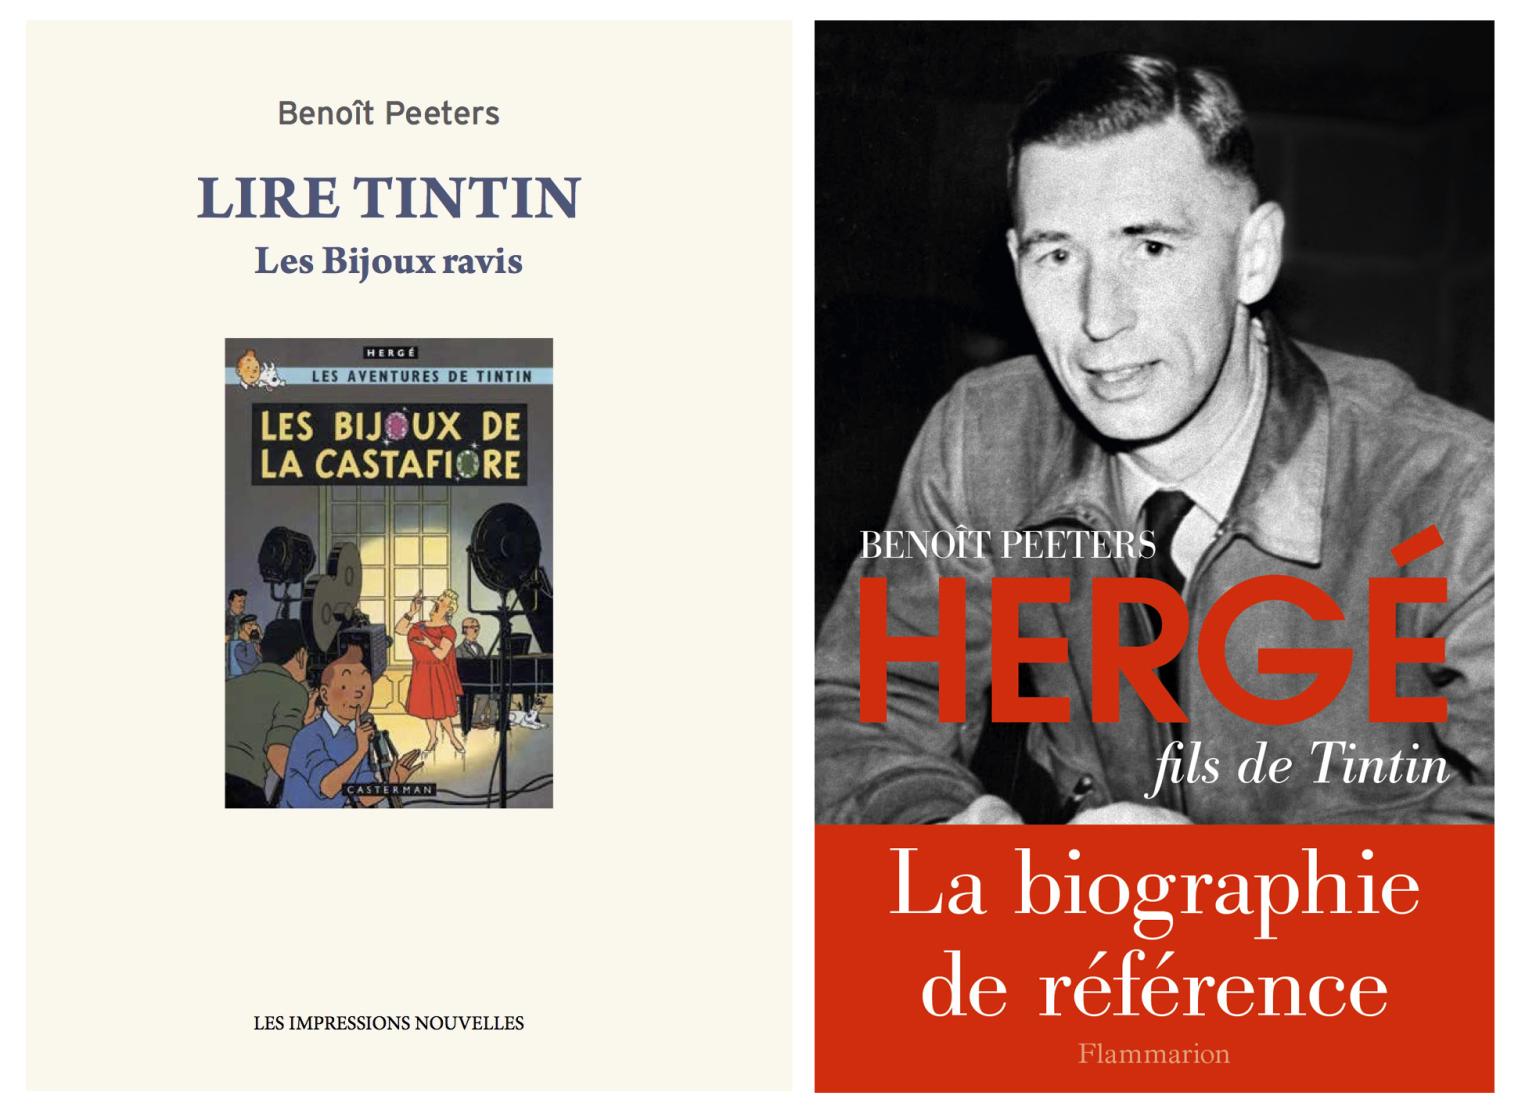 Lire Tintin. Les Bijoux ravis (ed.Les Impressions nouvelles), lecture analytique des Bijoux de la CastafioreI, et Hergé fils de Tintin (ed.Flammarion), biographie d'Hergé